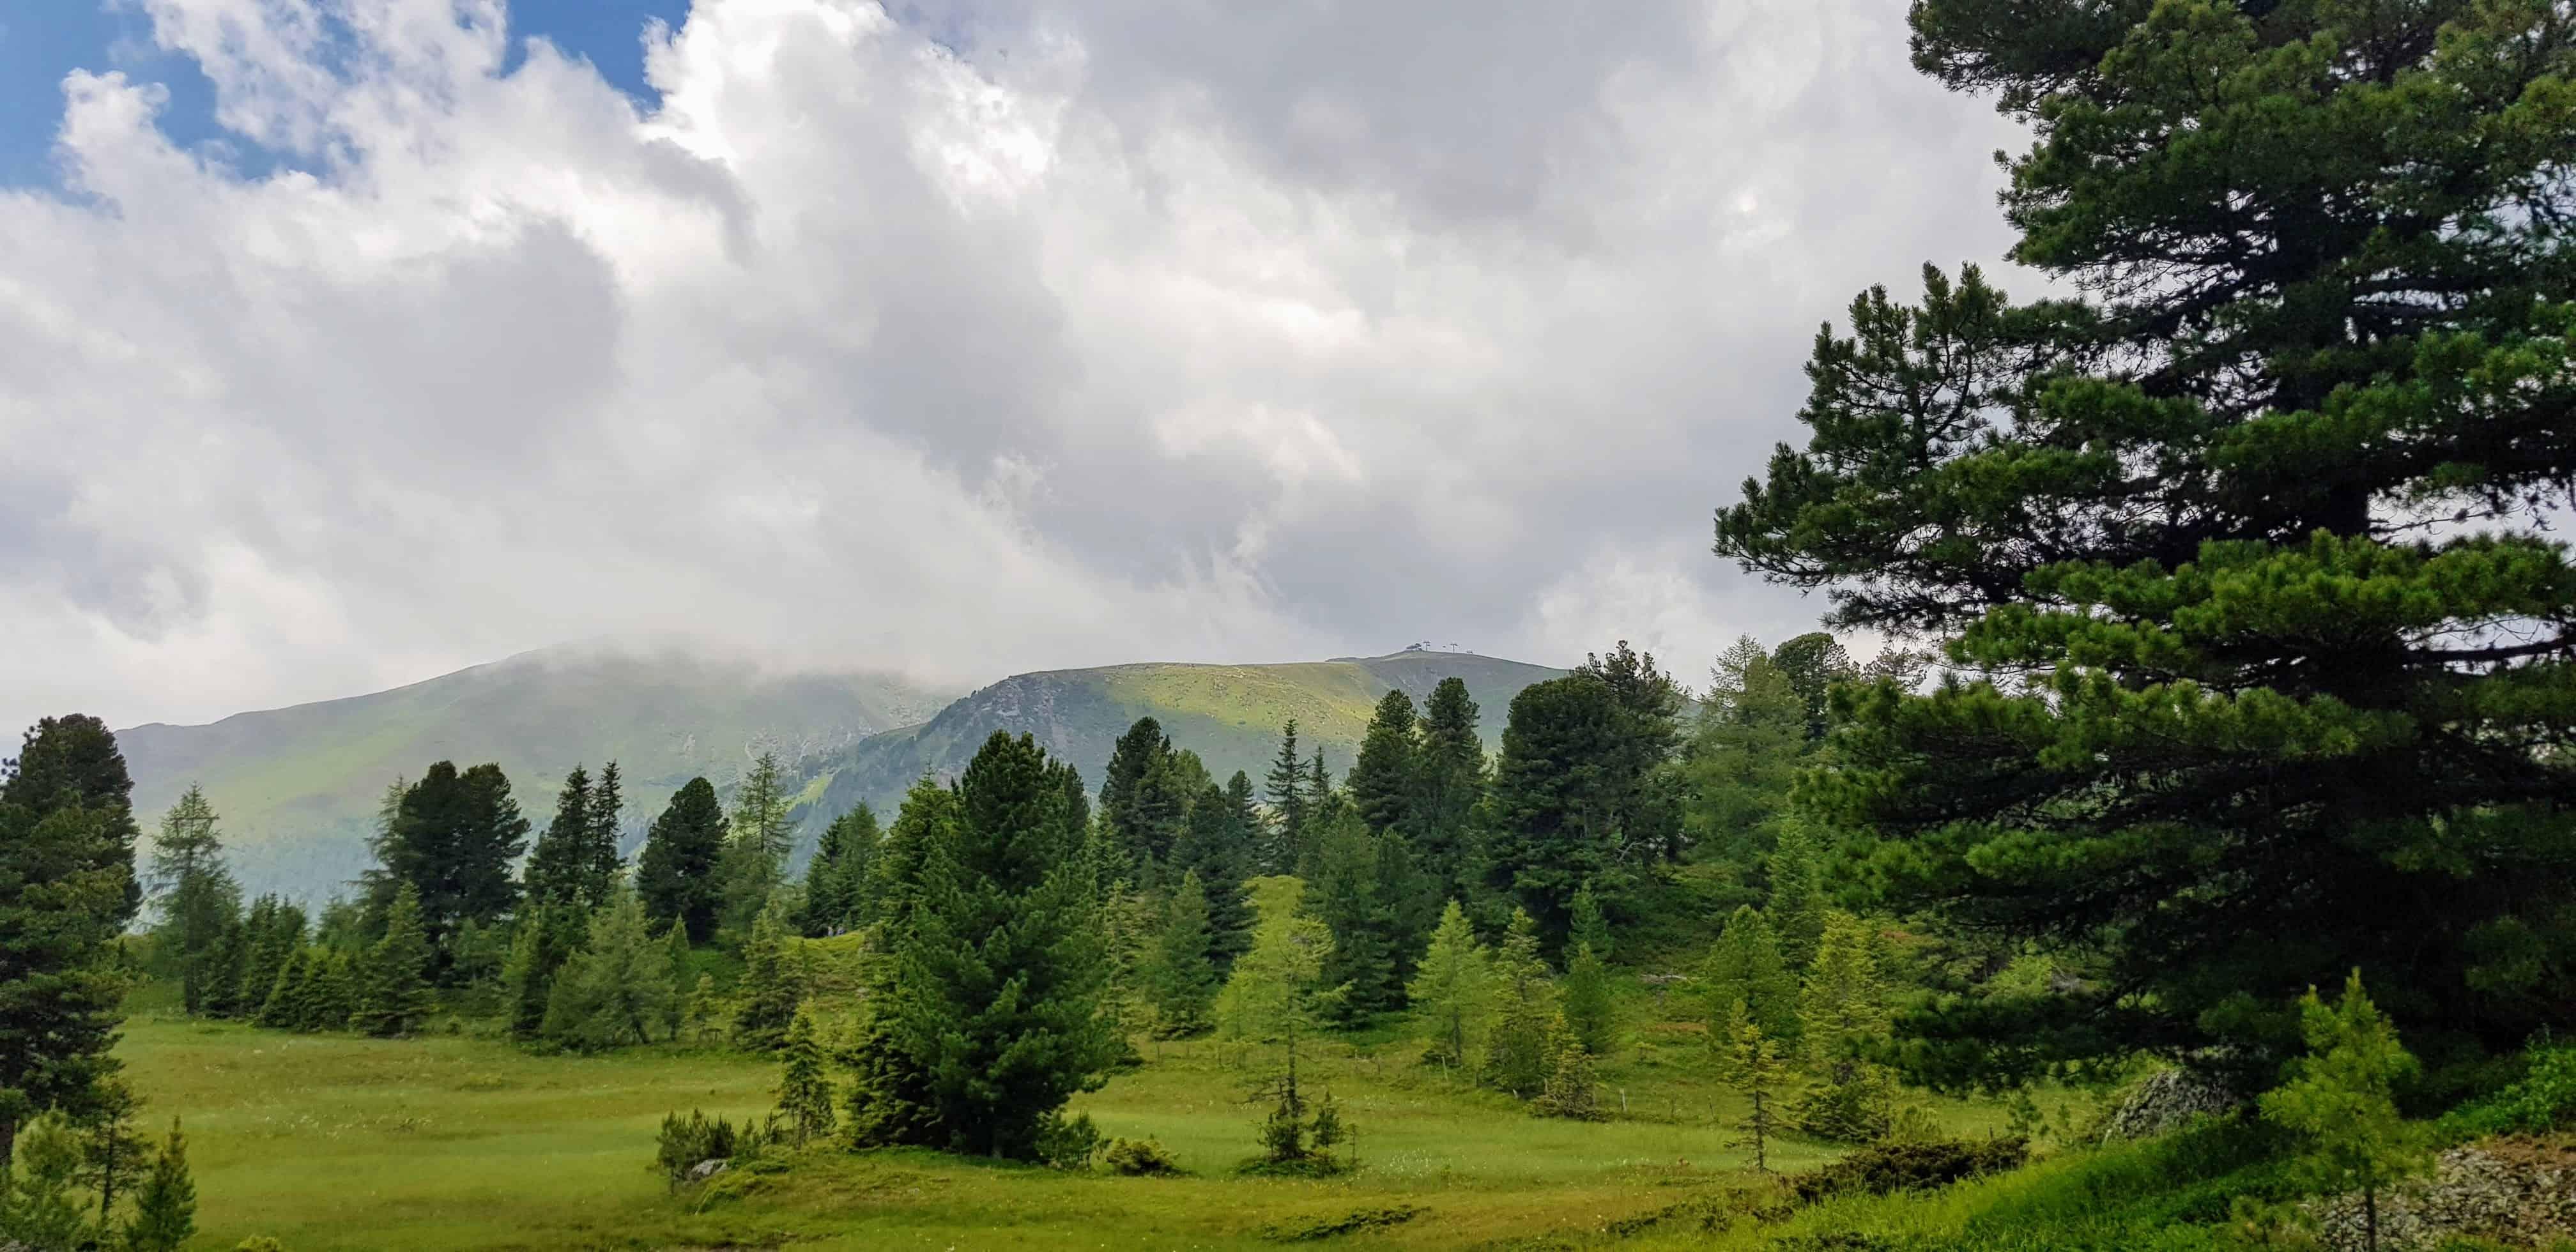 Ausflug und Wanderung bei Regenwetter auf der Turracher Höhe. Landschaft Wanderregion mit Nockbergen, Wiesen und Bäumen.